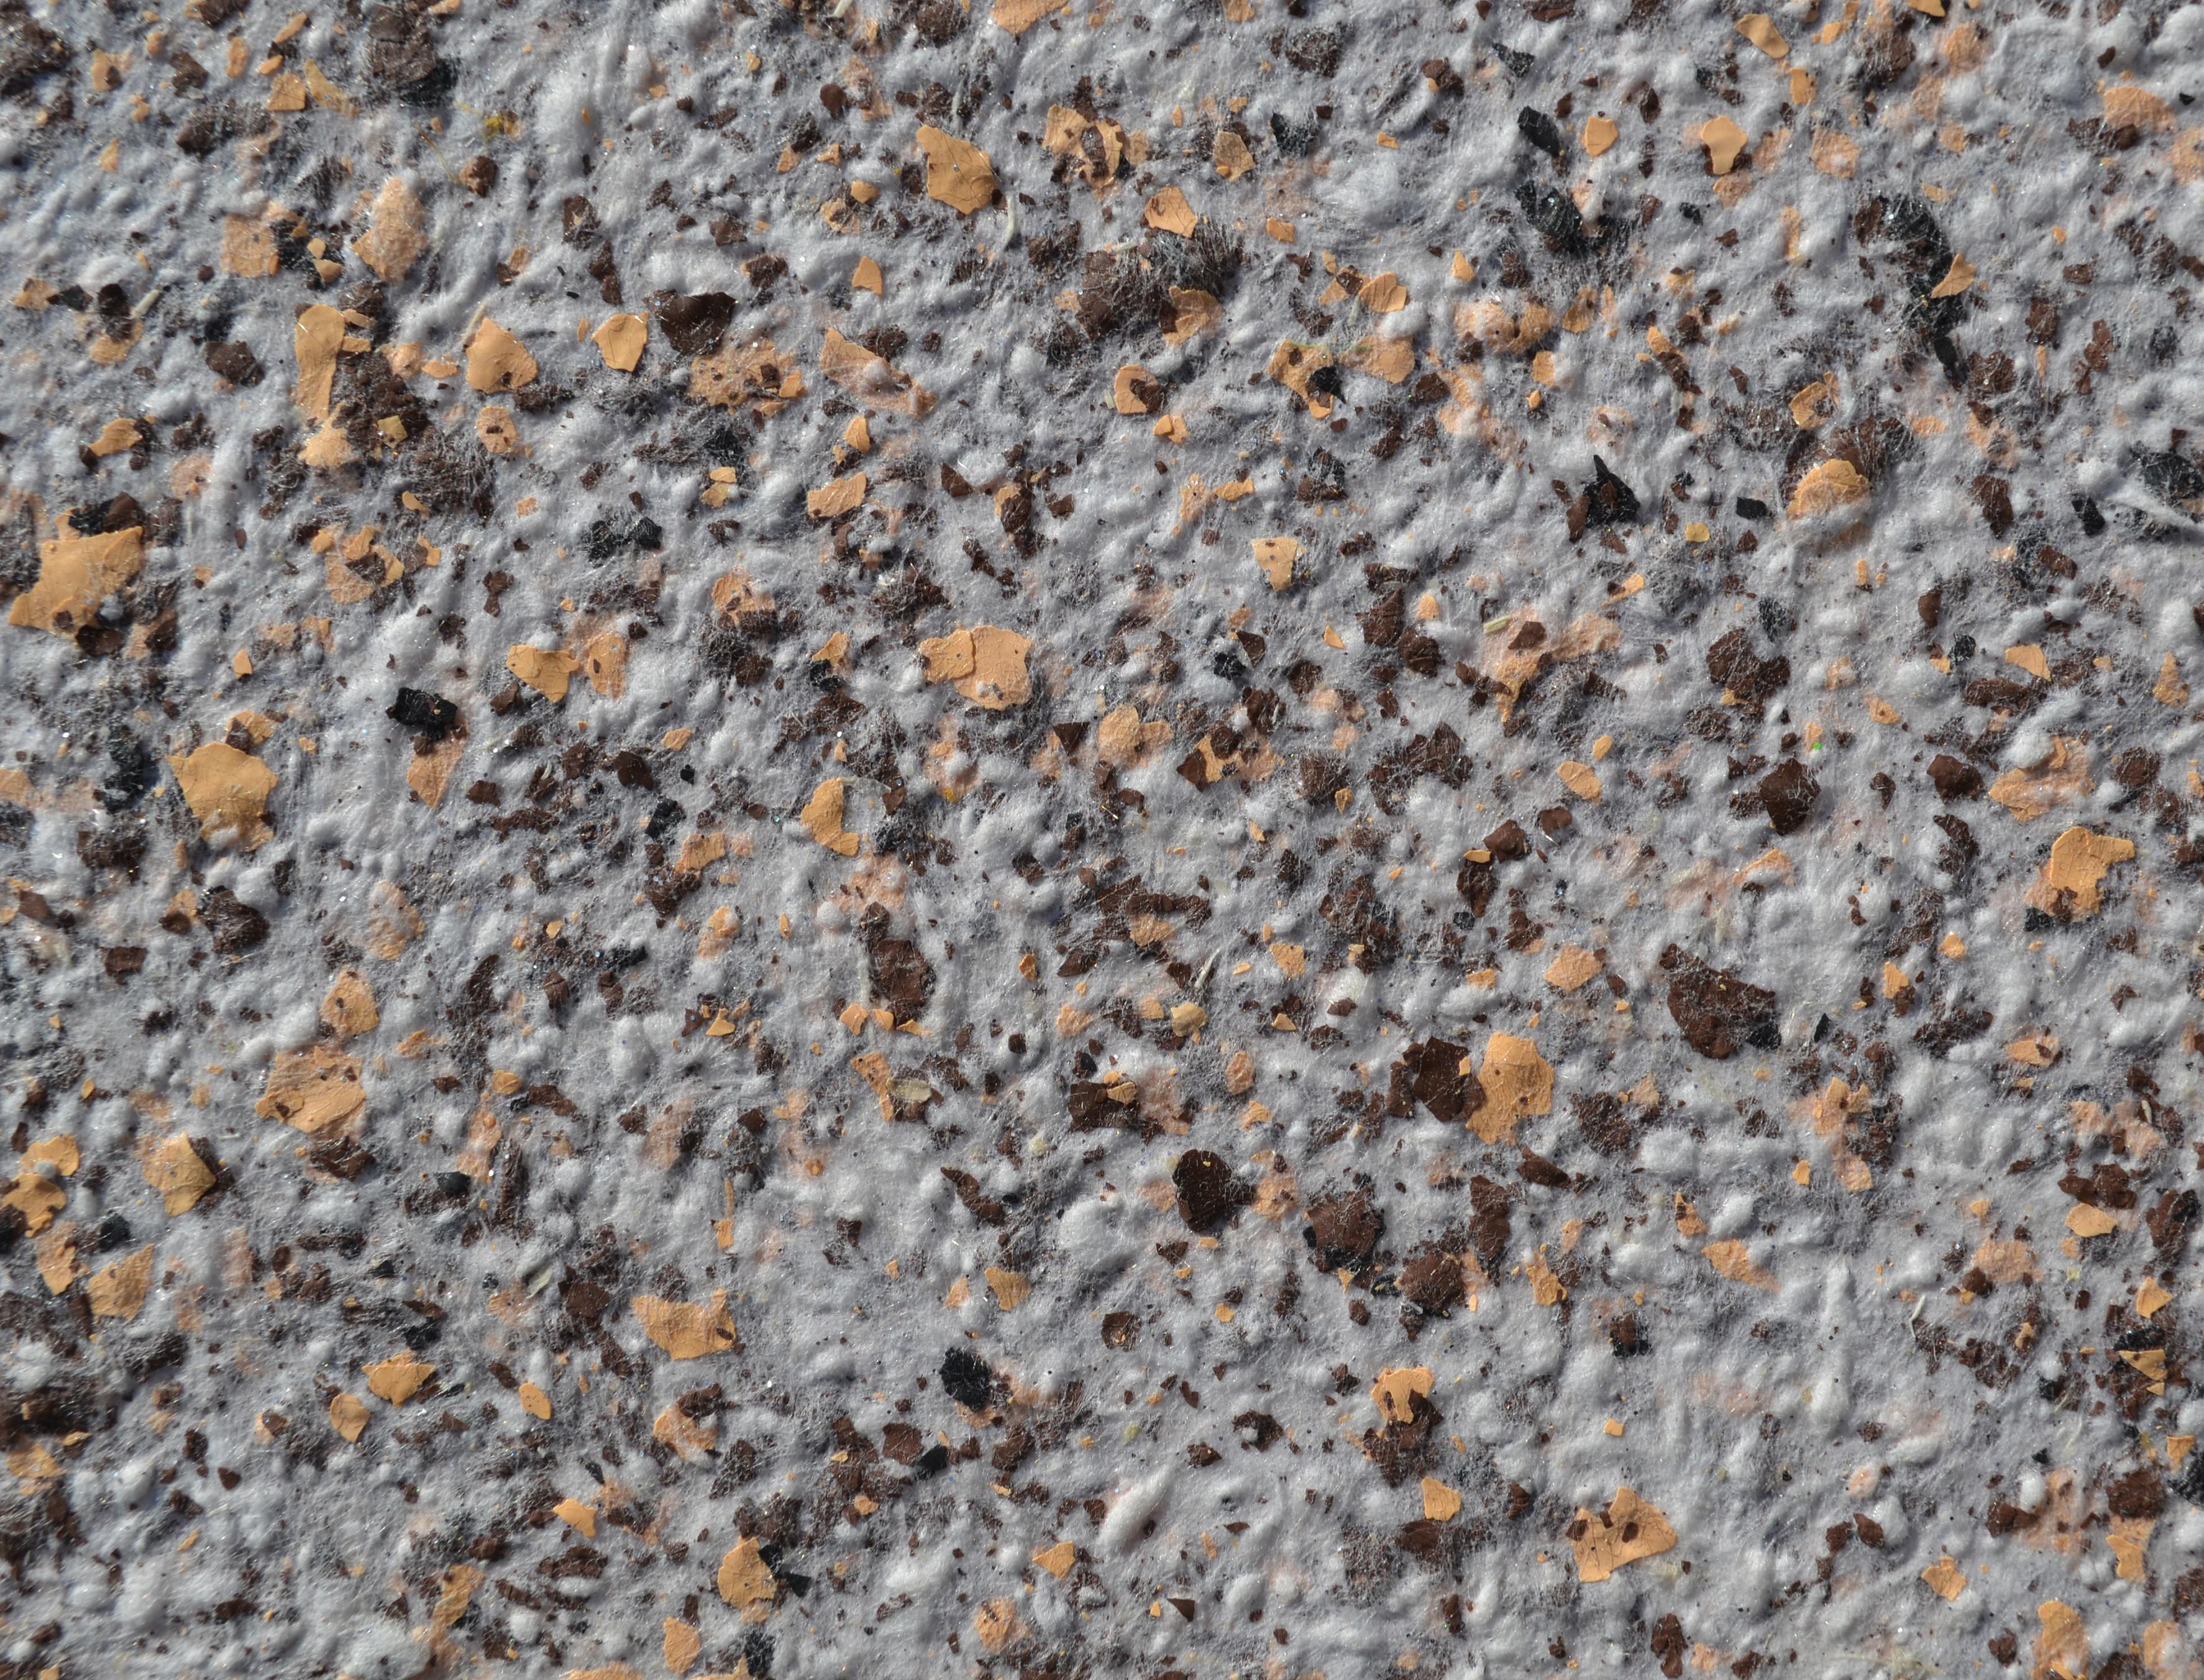 Жидкие обои Юрски Фуксия 1406 цветные - изображение 2 - интернет-магазин tricolor.com.ua